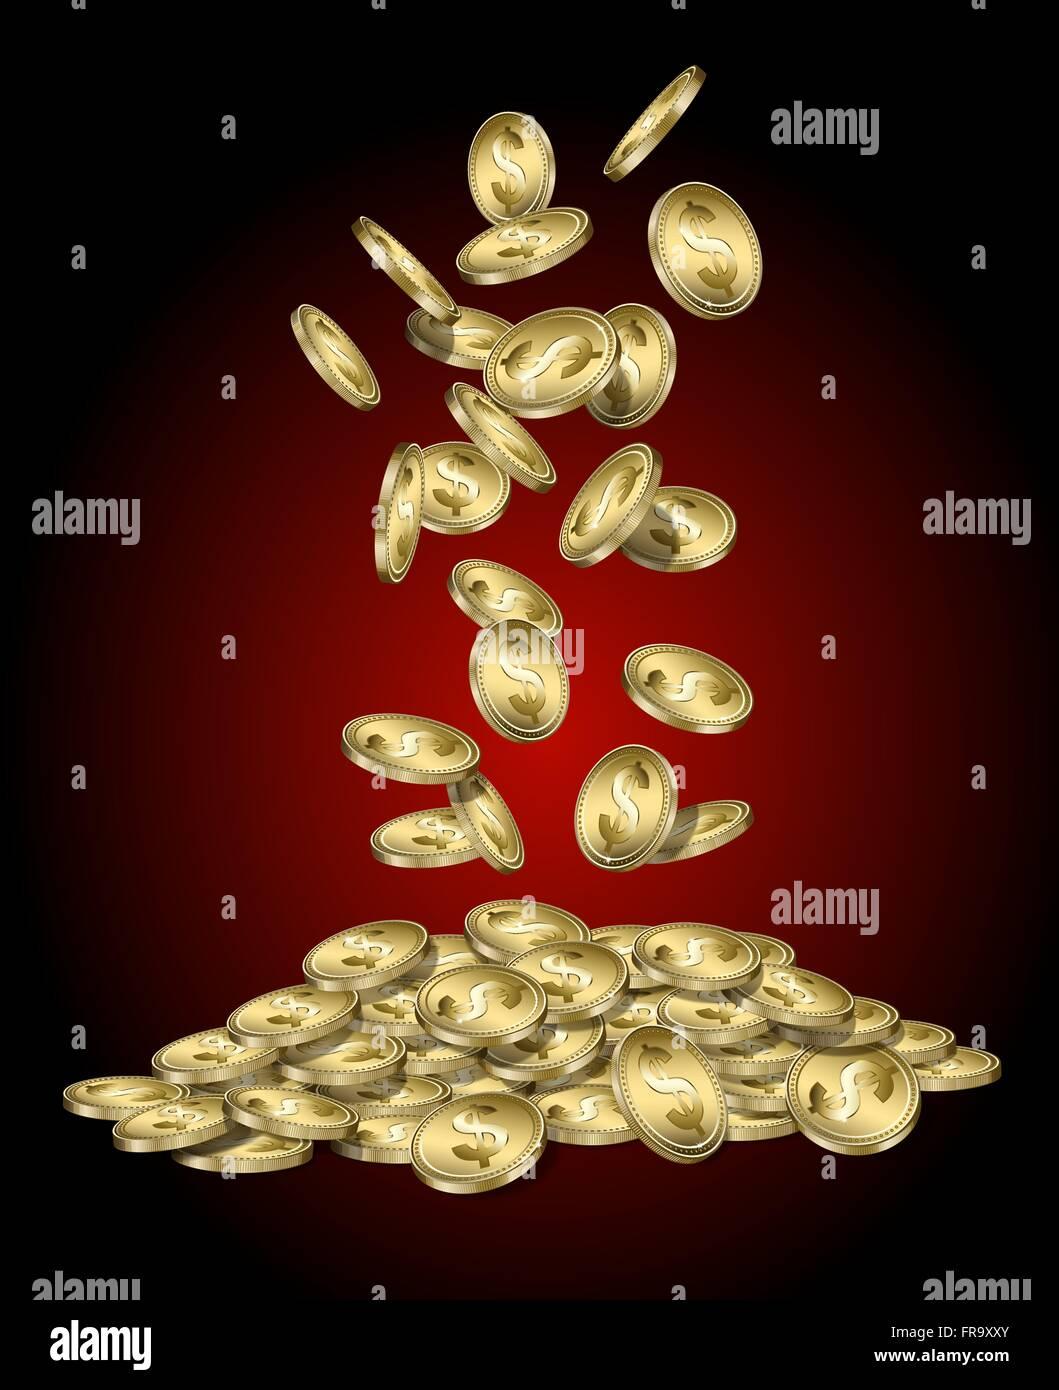 Des pièces d'or avec le signe dollar tomber dans un tas Illustration de Vecteur